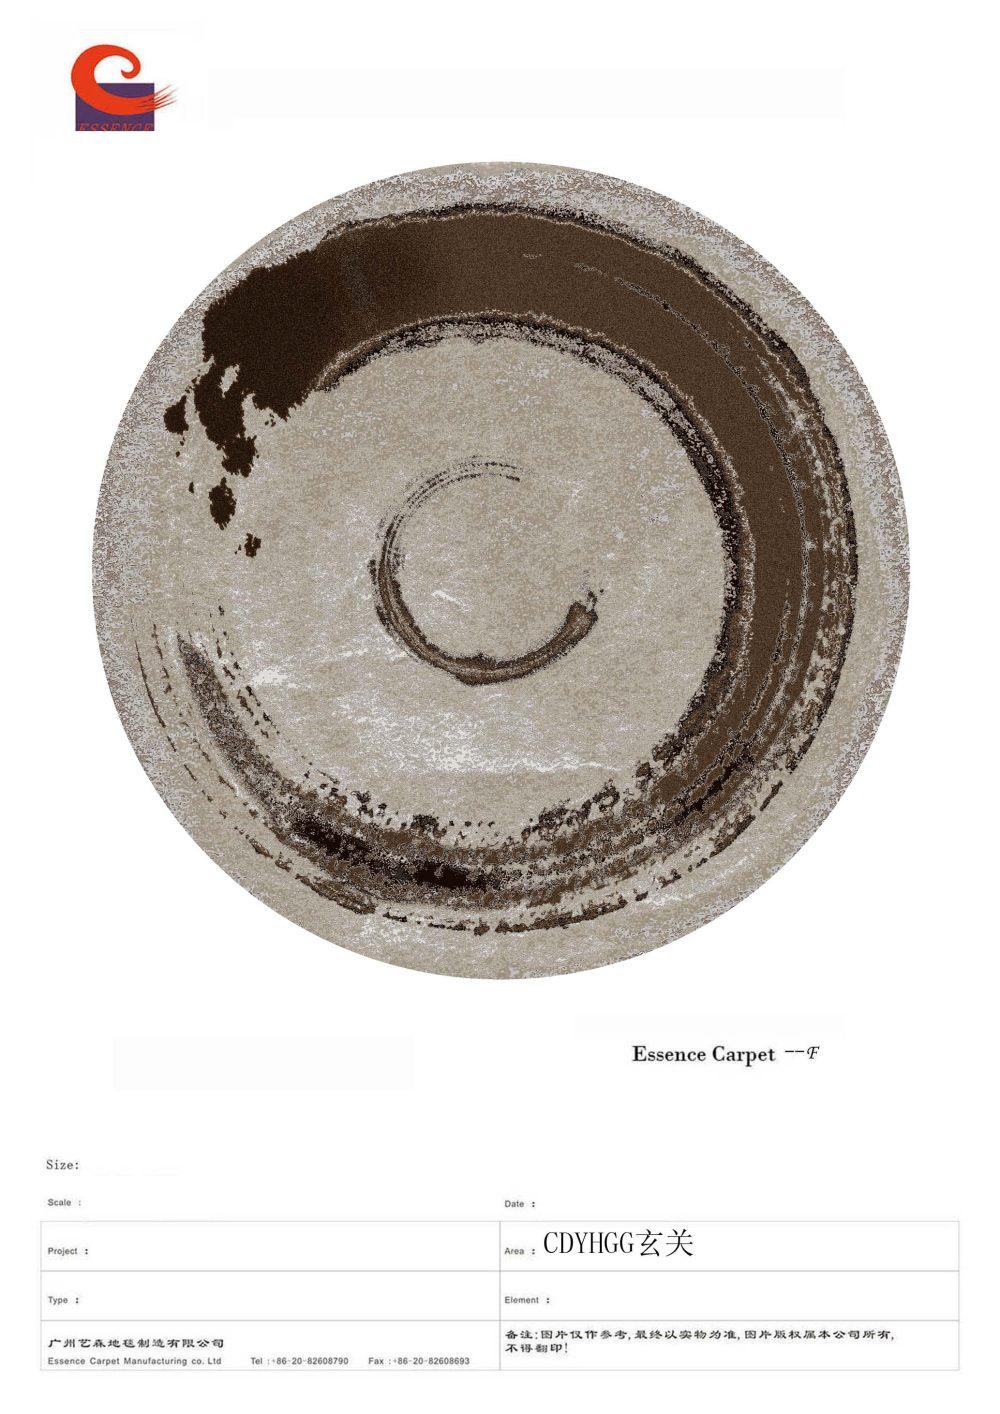 郑中(CCD)--专用地毯高清大图161P_玄关2.jpg